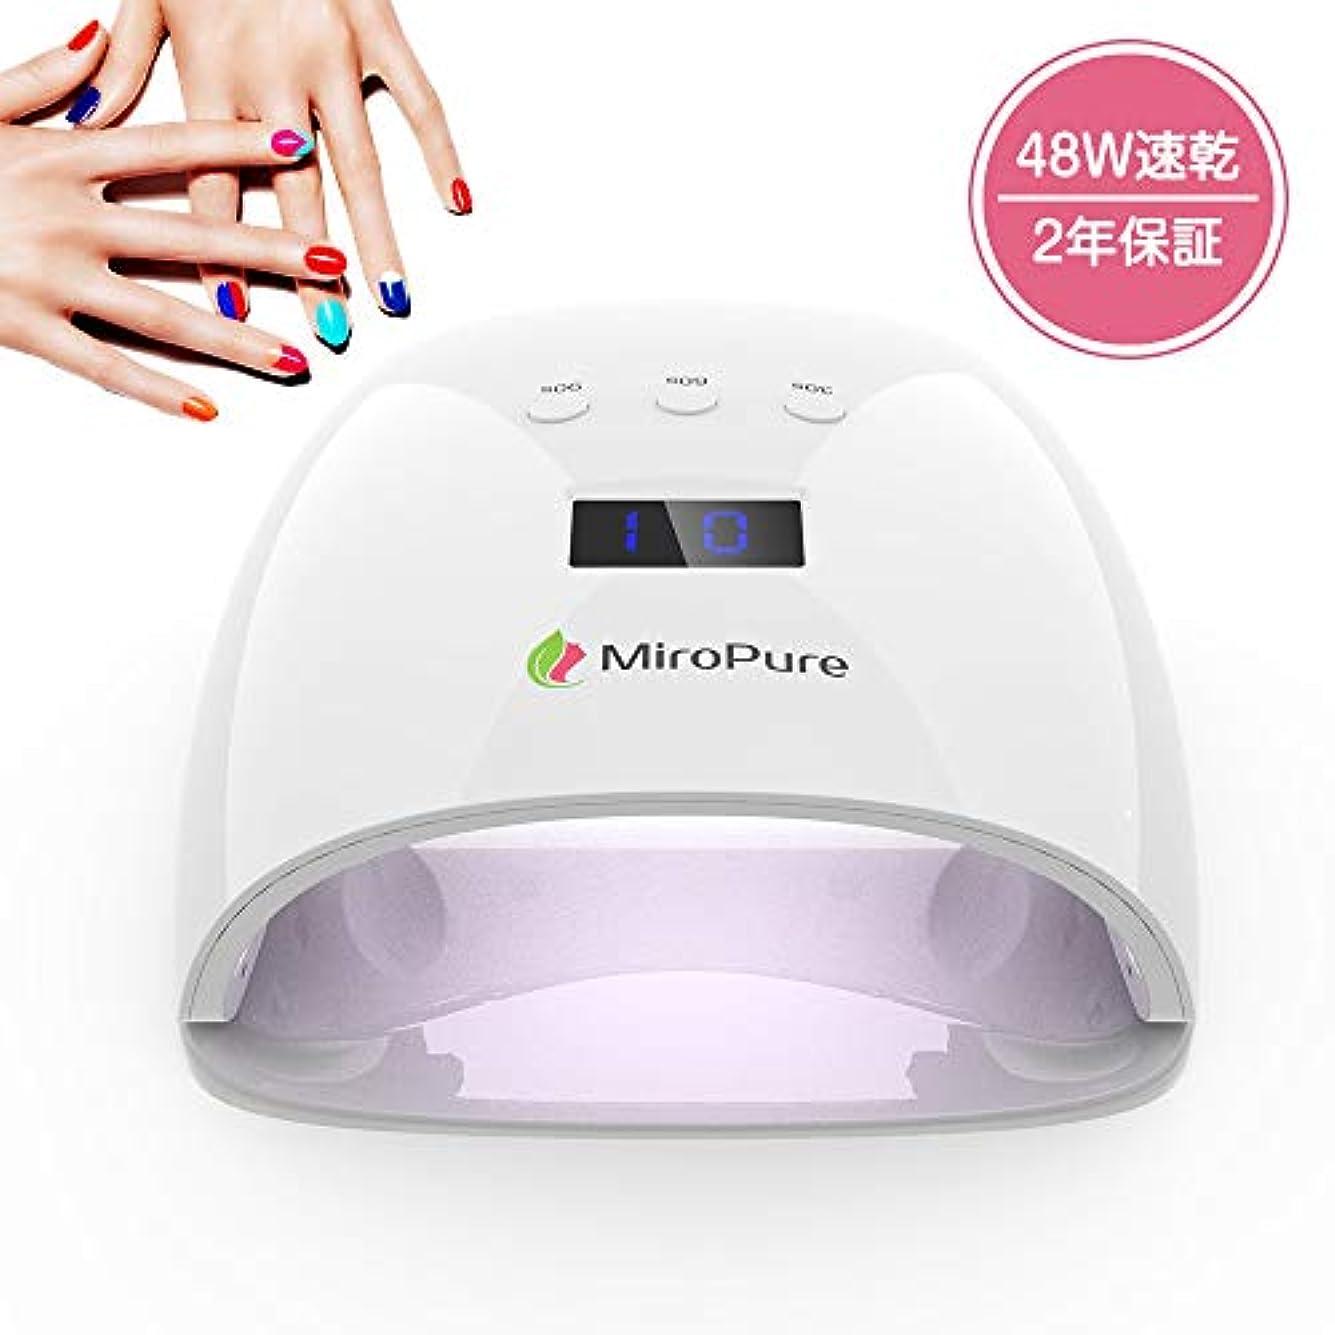 くびれたマディソン意見Miropure ネイルドライヤー 48W UV LED ライト 赤外線検知 自動オンオフ機能 3つタイマー設定 速乾 ハンドフット両用 日本語説明書付属 【24ヶ月保証付き】